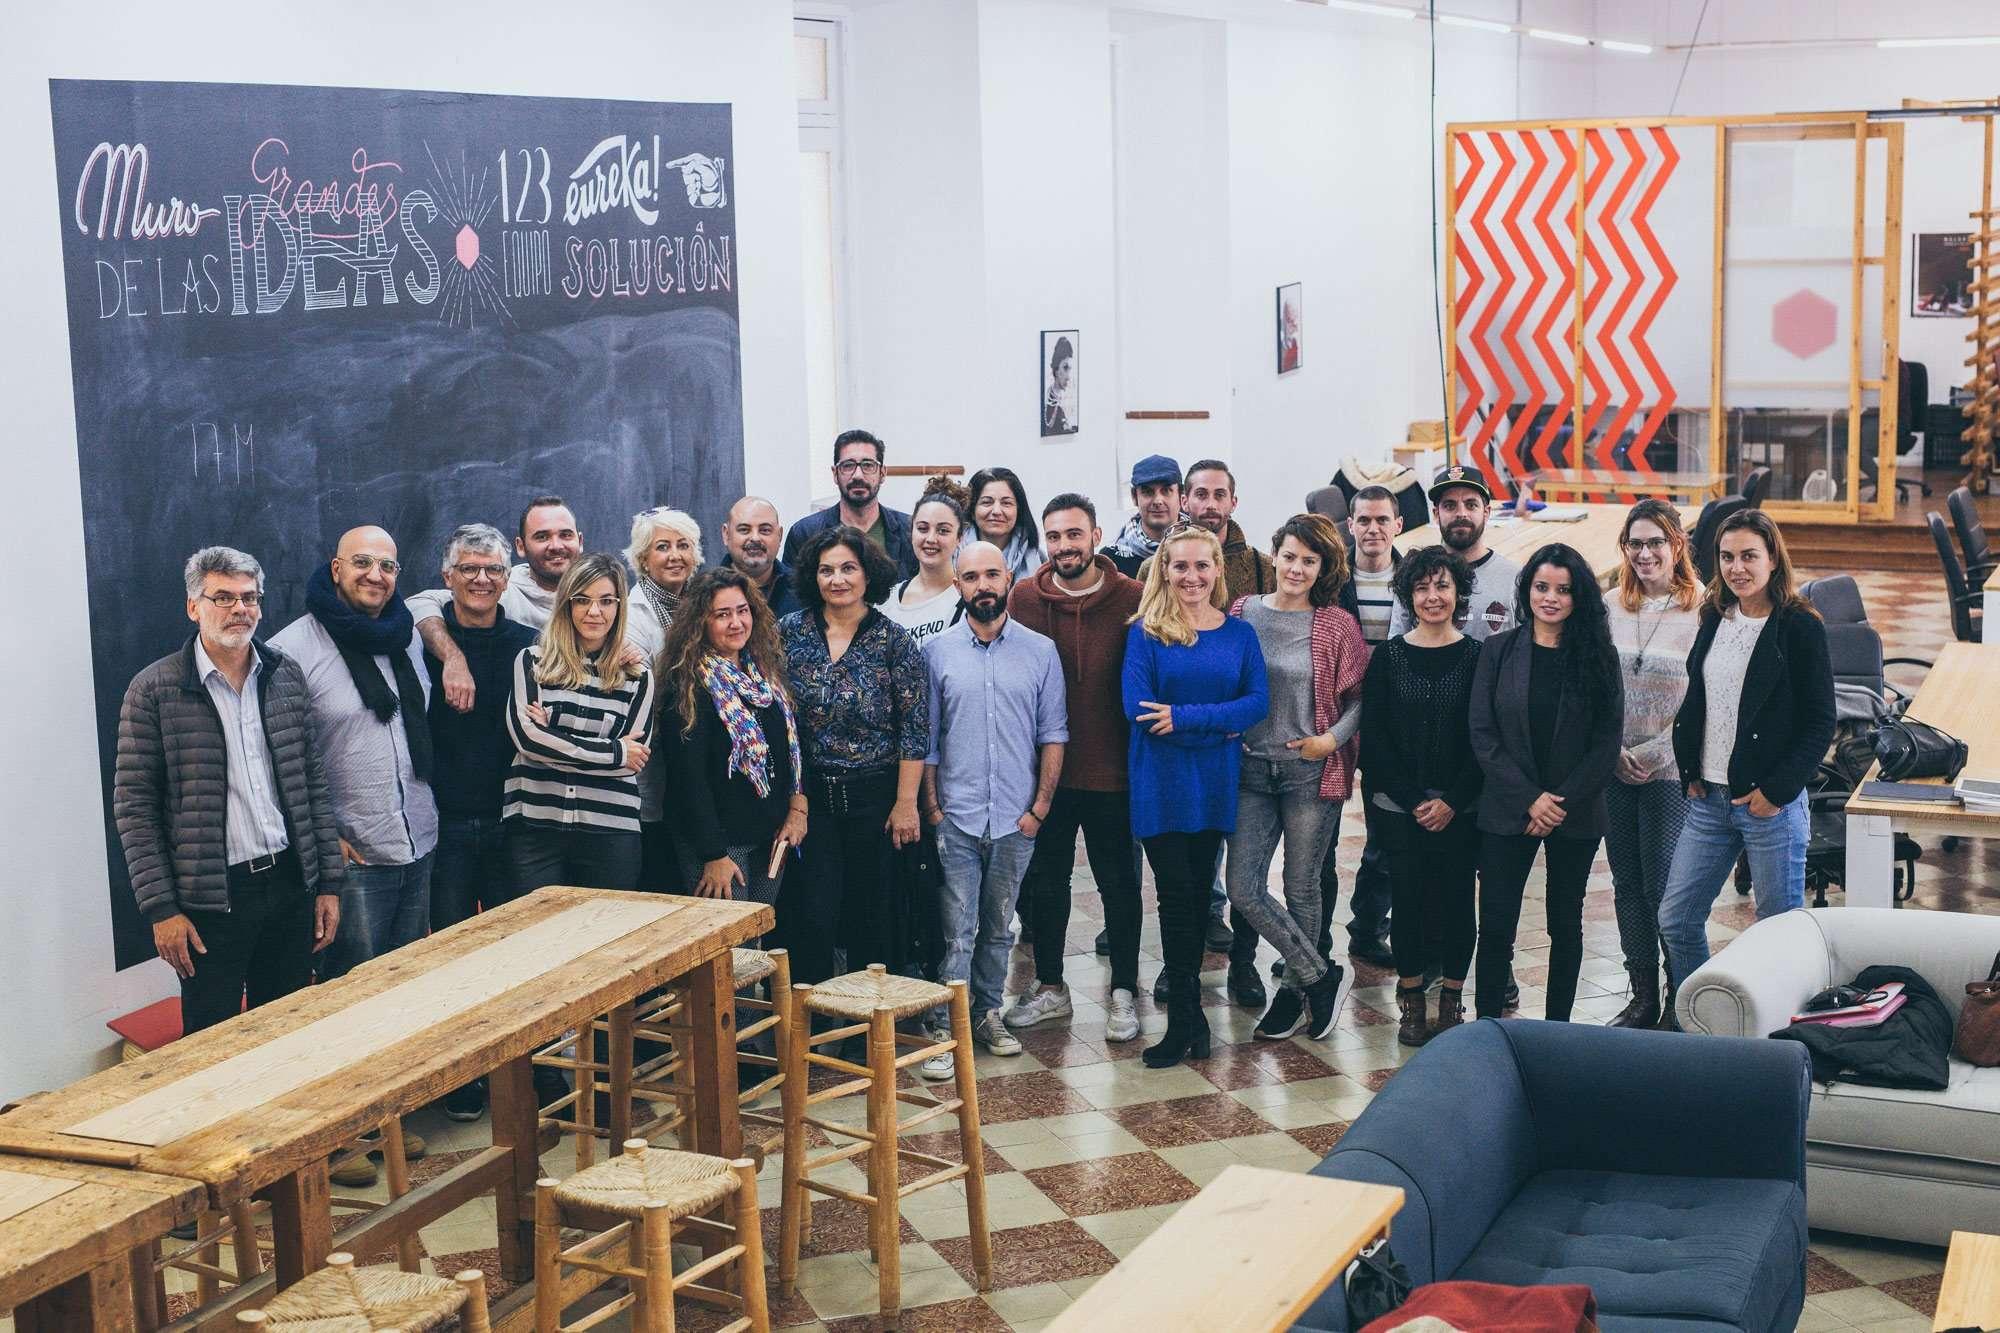 Profesionales de la industria cultural de la provincia de Málaga residirán en este espacio de trabajo compartido.